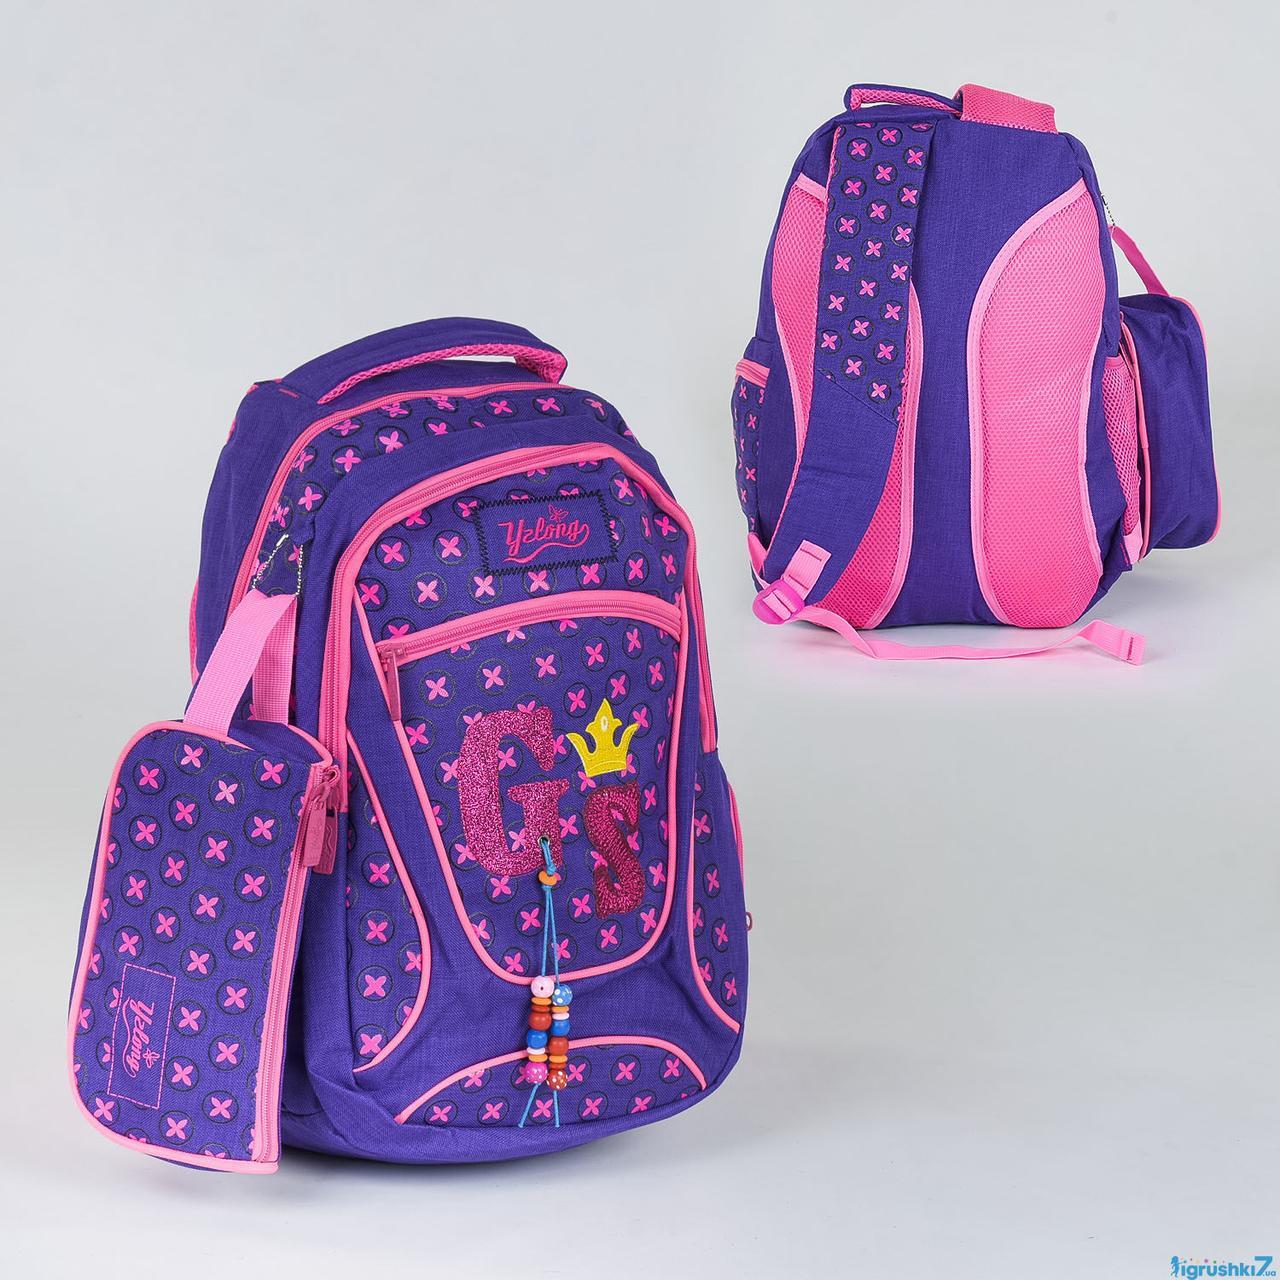 Рюкзак школьный C 36317, 3 отделения, 2 кармана, пенал, мягкая спинка